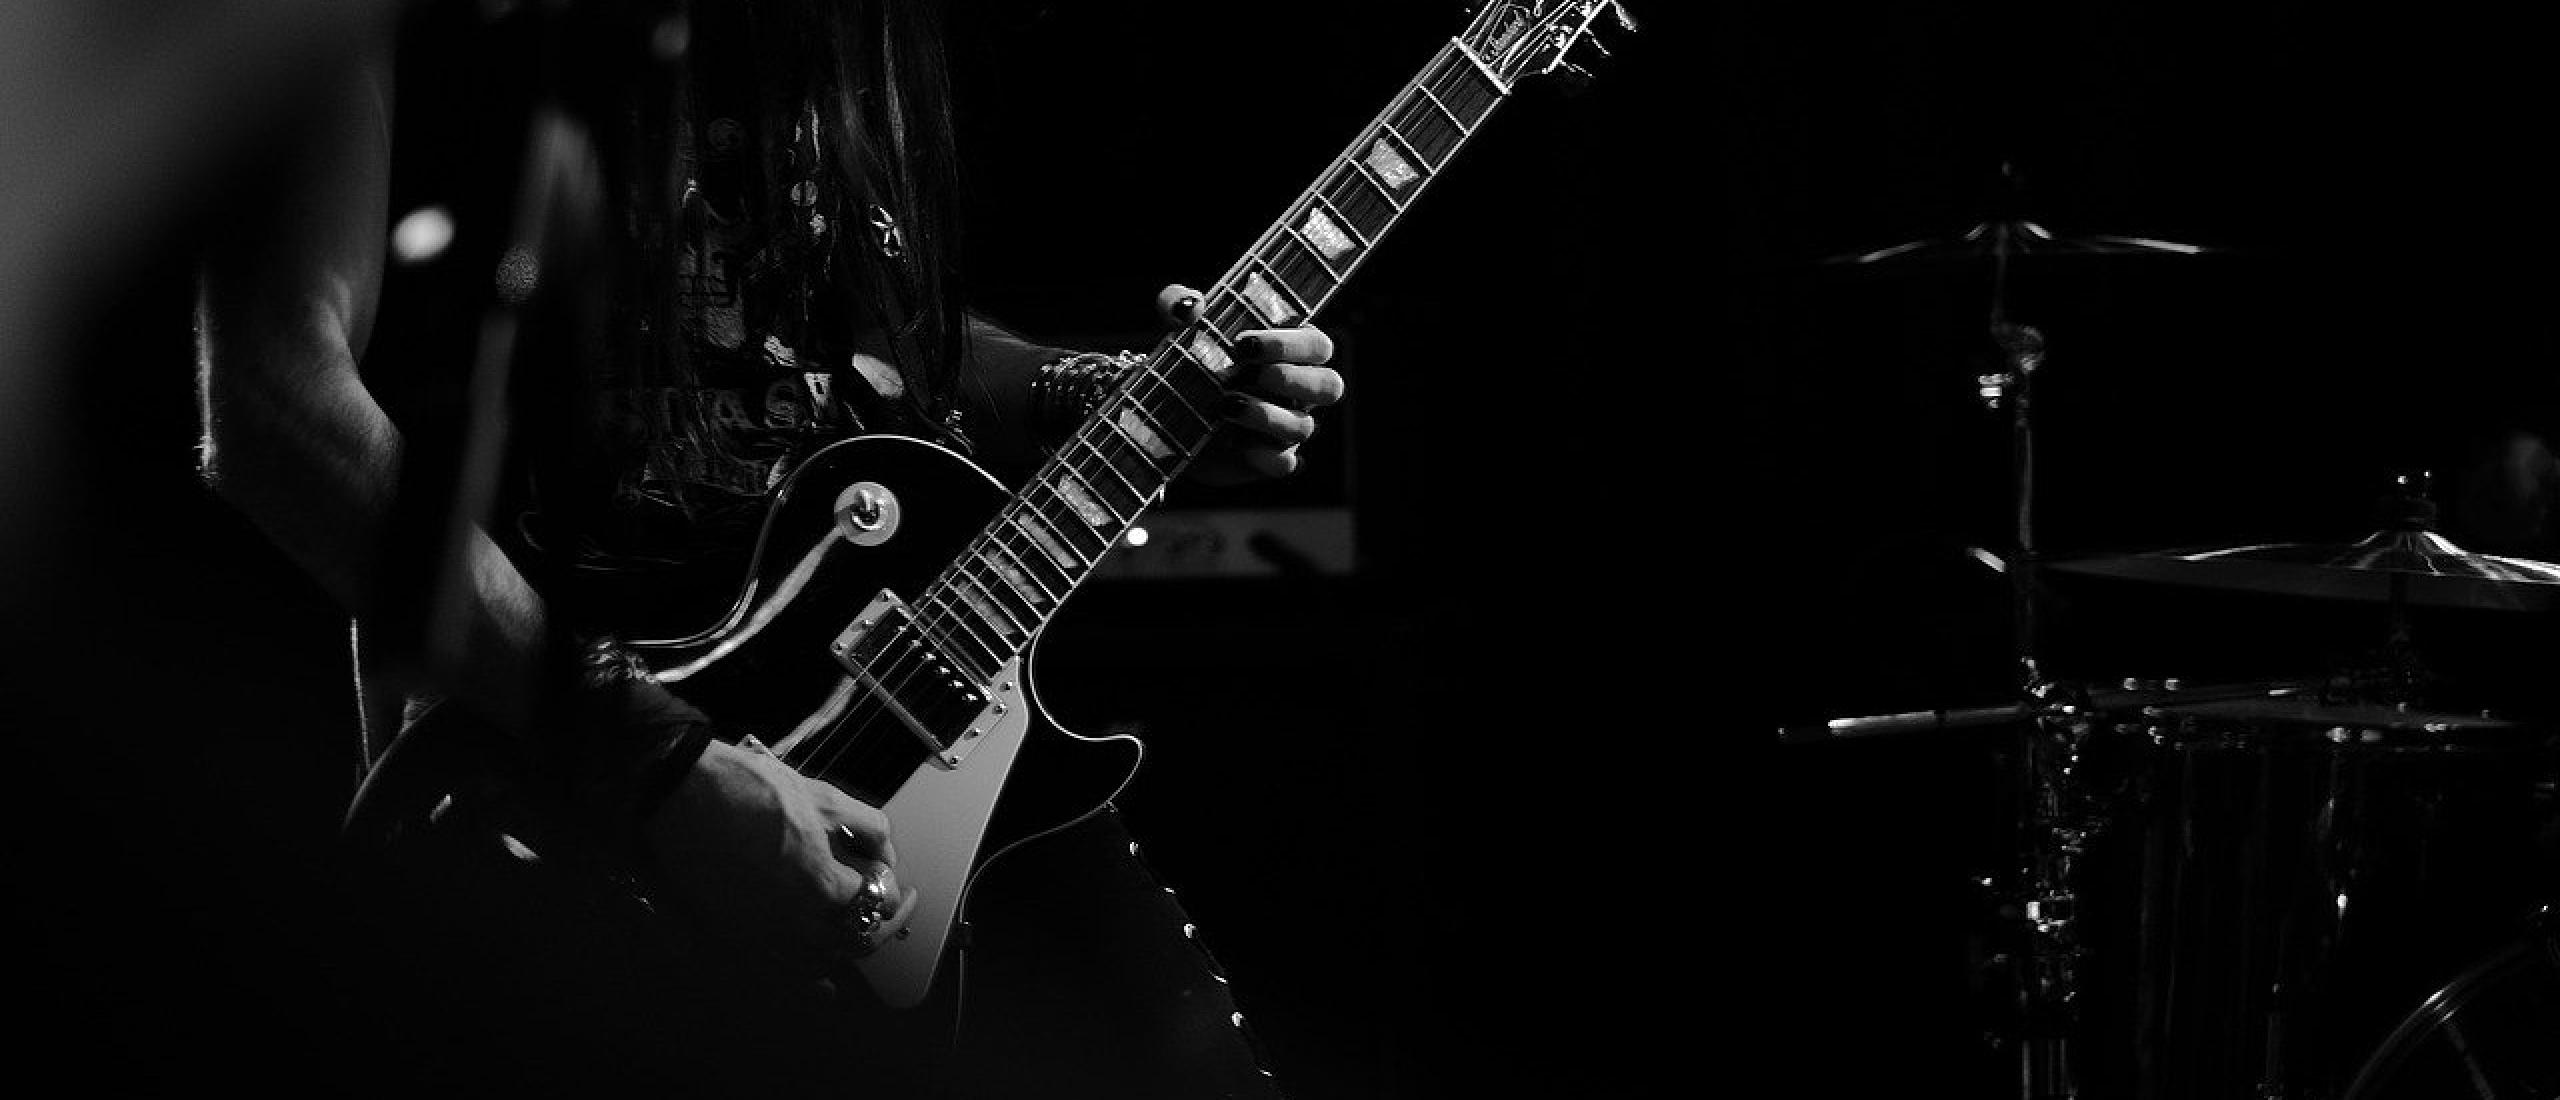 Ik wil basgitaar leren spelen. Waar kan ik lessen volgen?